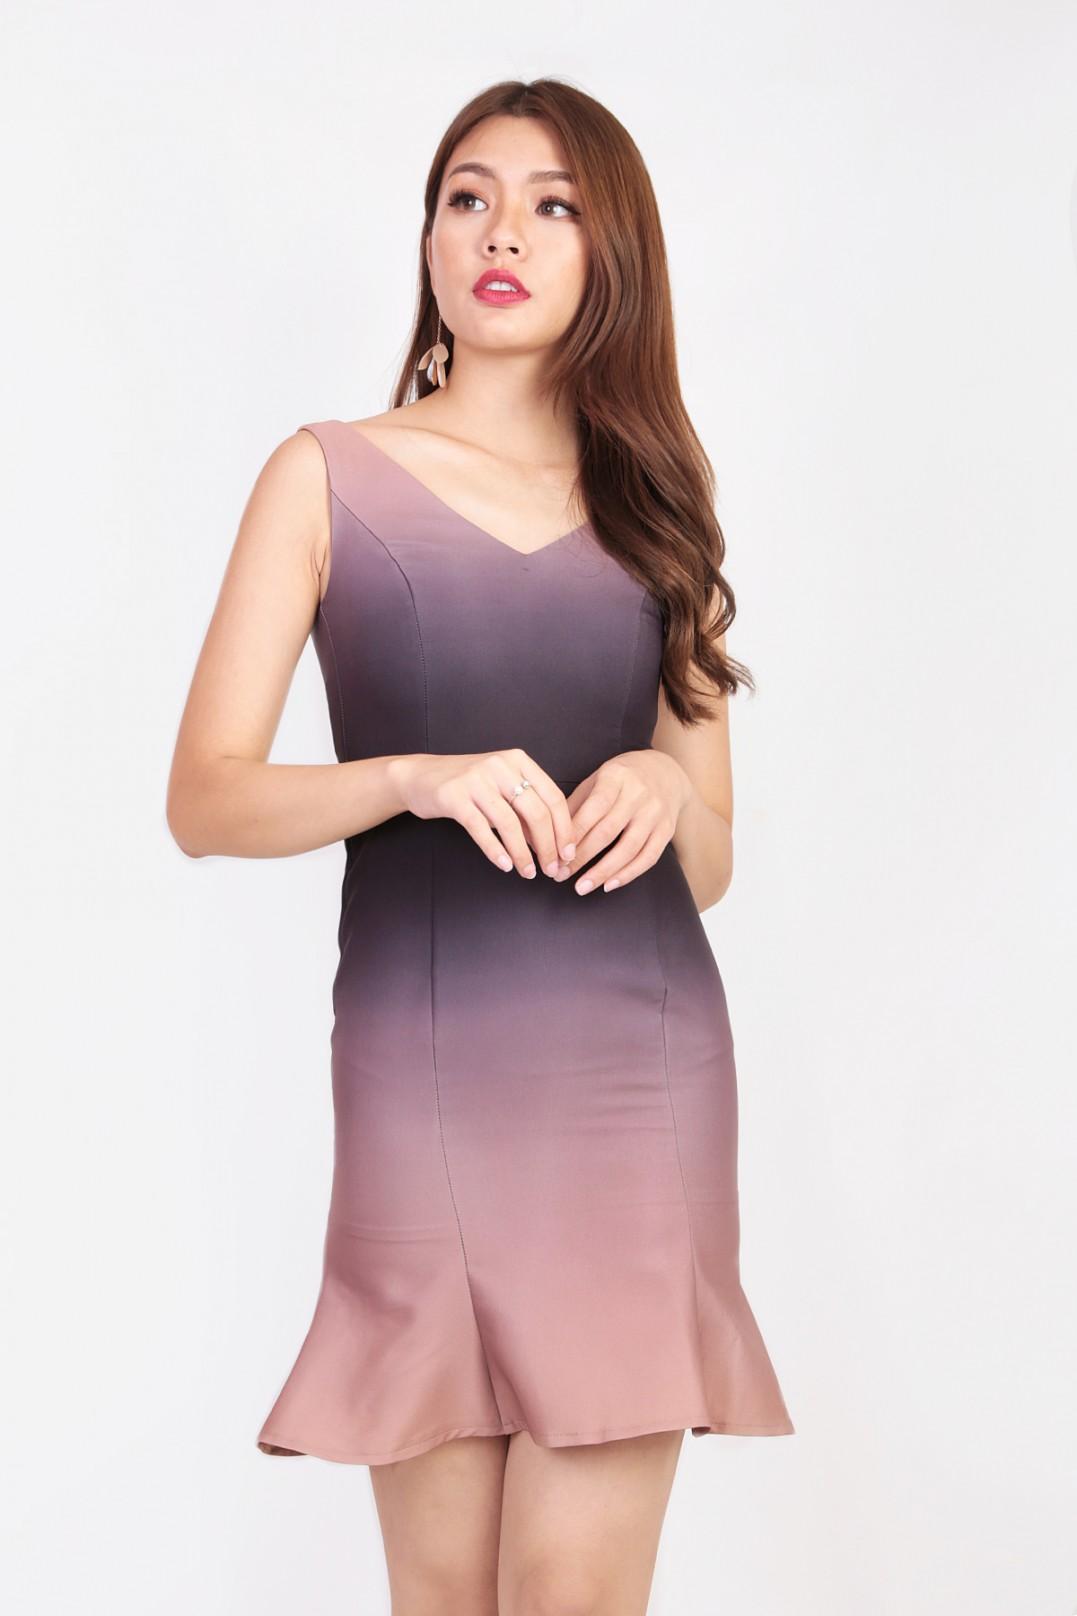 c062fde52 RESTOCK: Elise Ombre Dress in Auburn - MGP